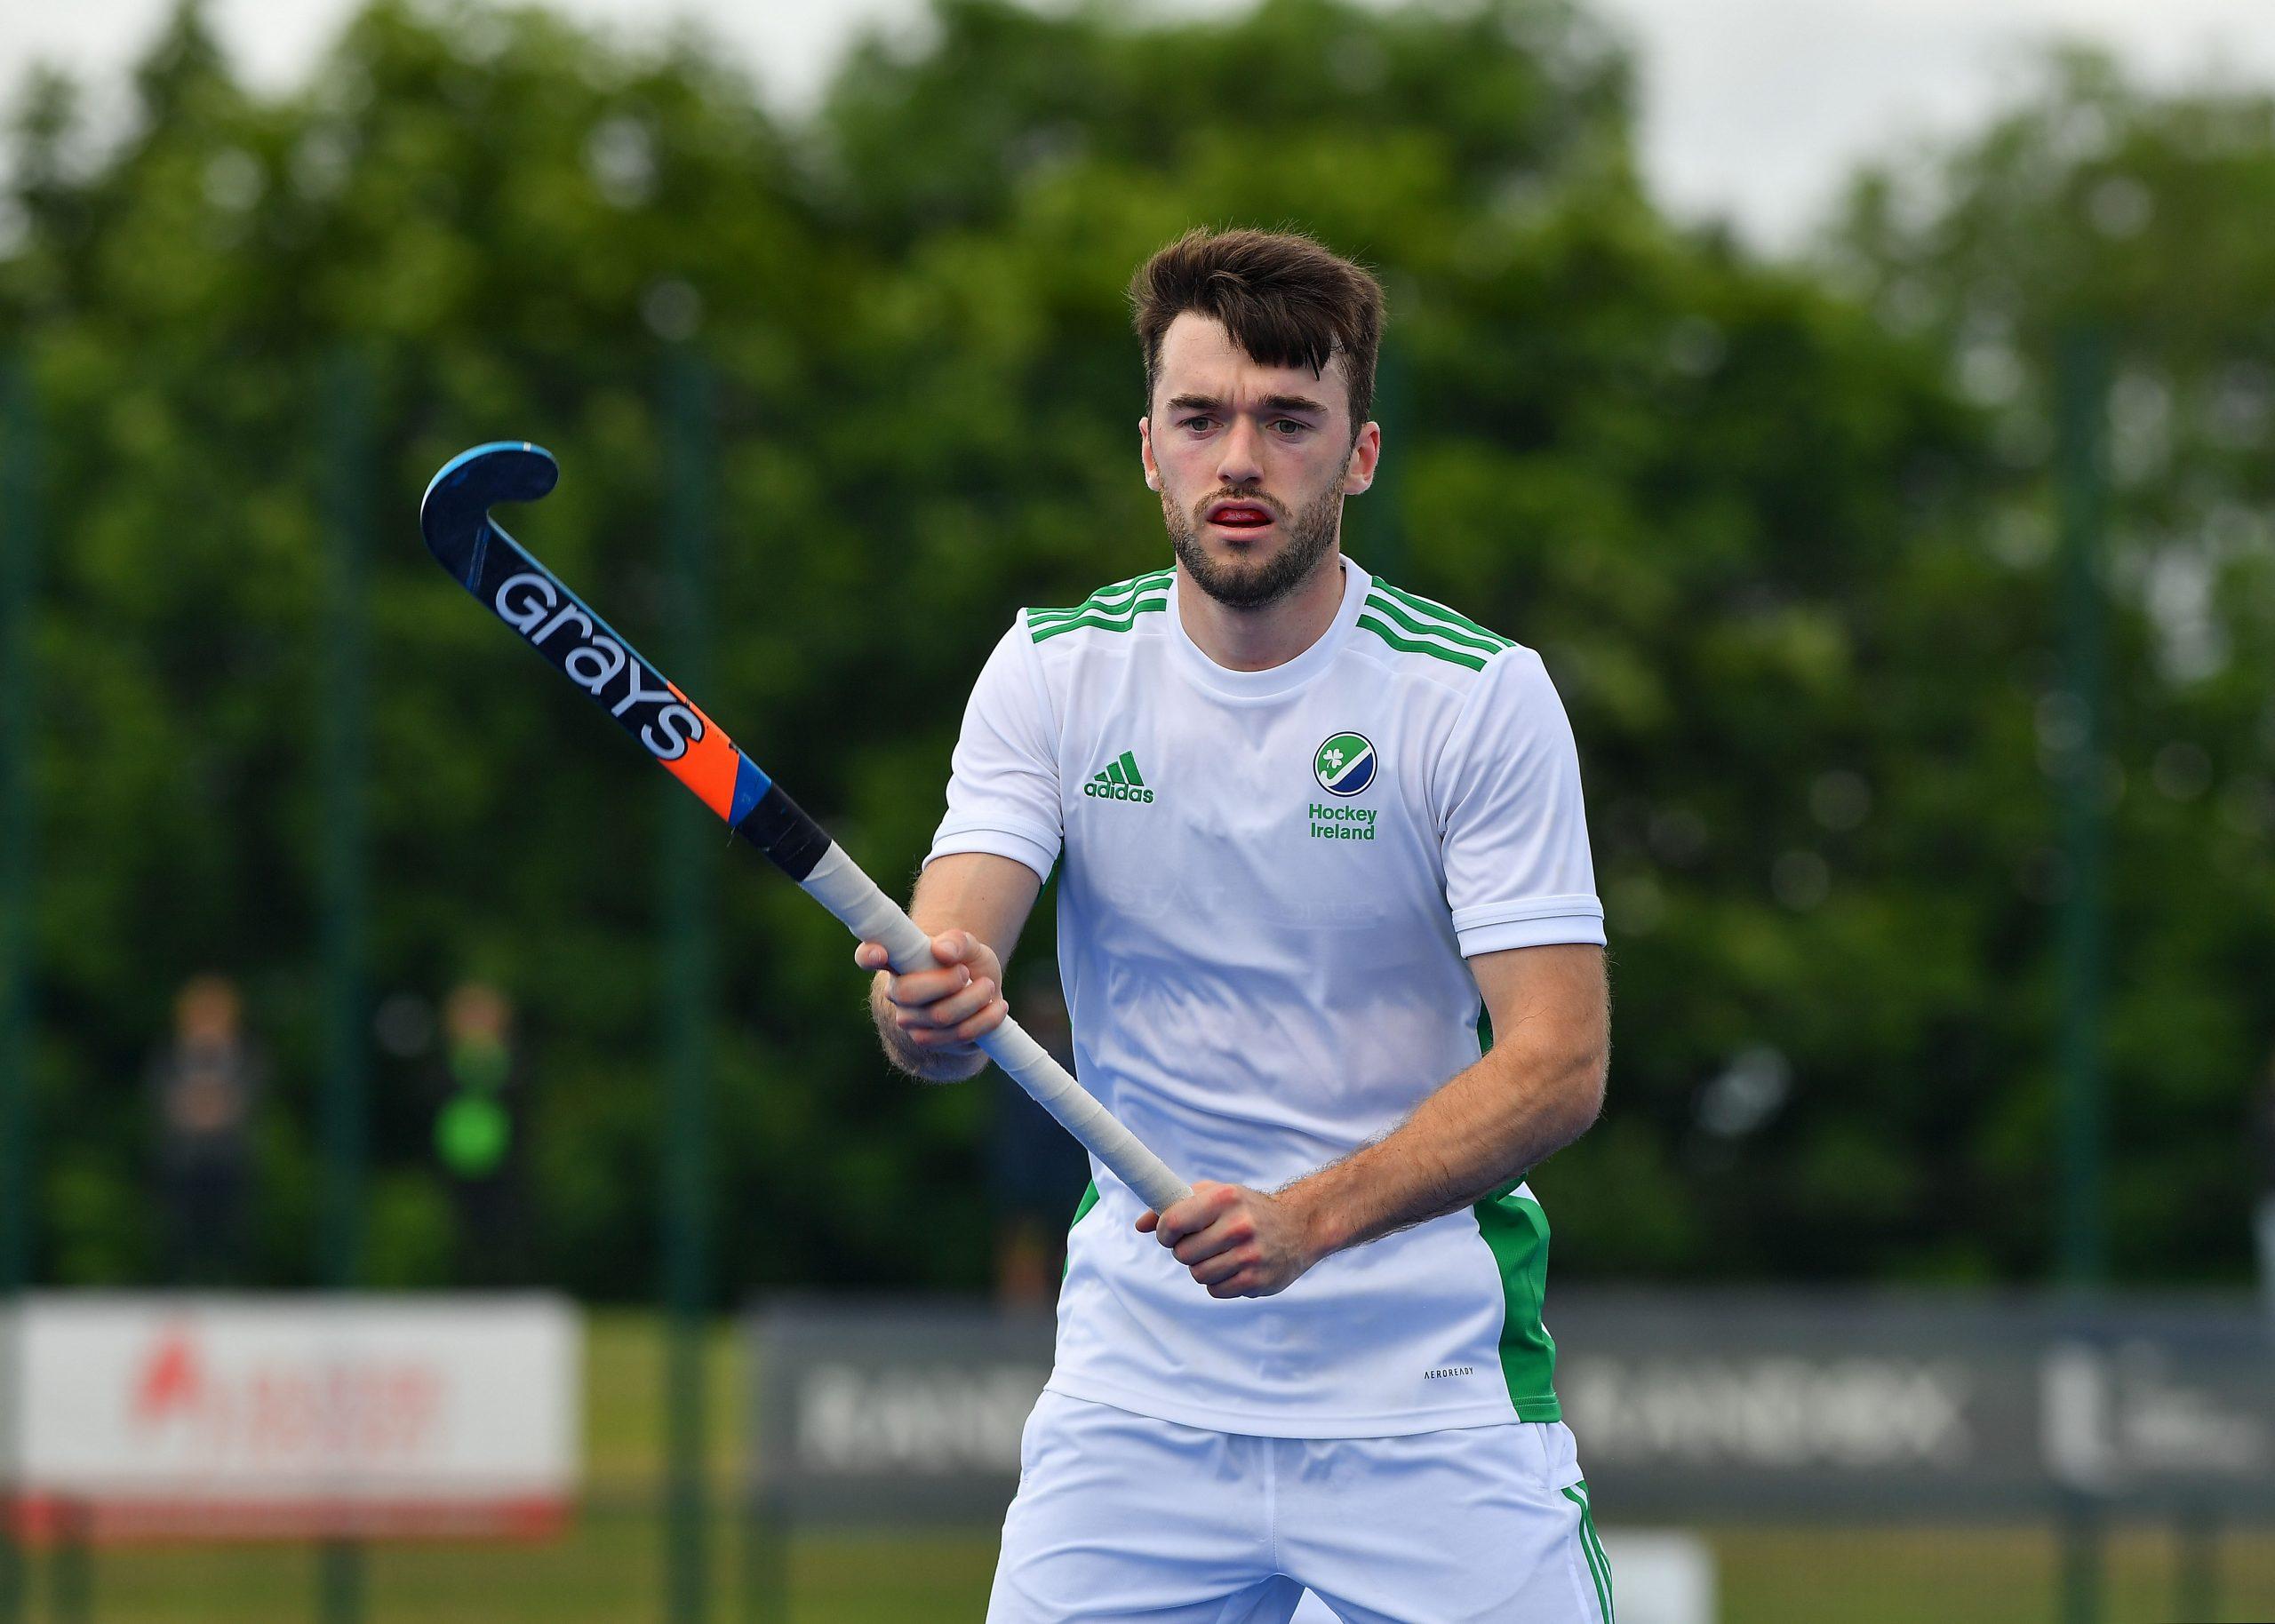 Ireland's McKee strikes late to defeat Poland